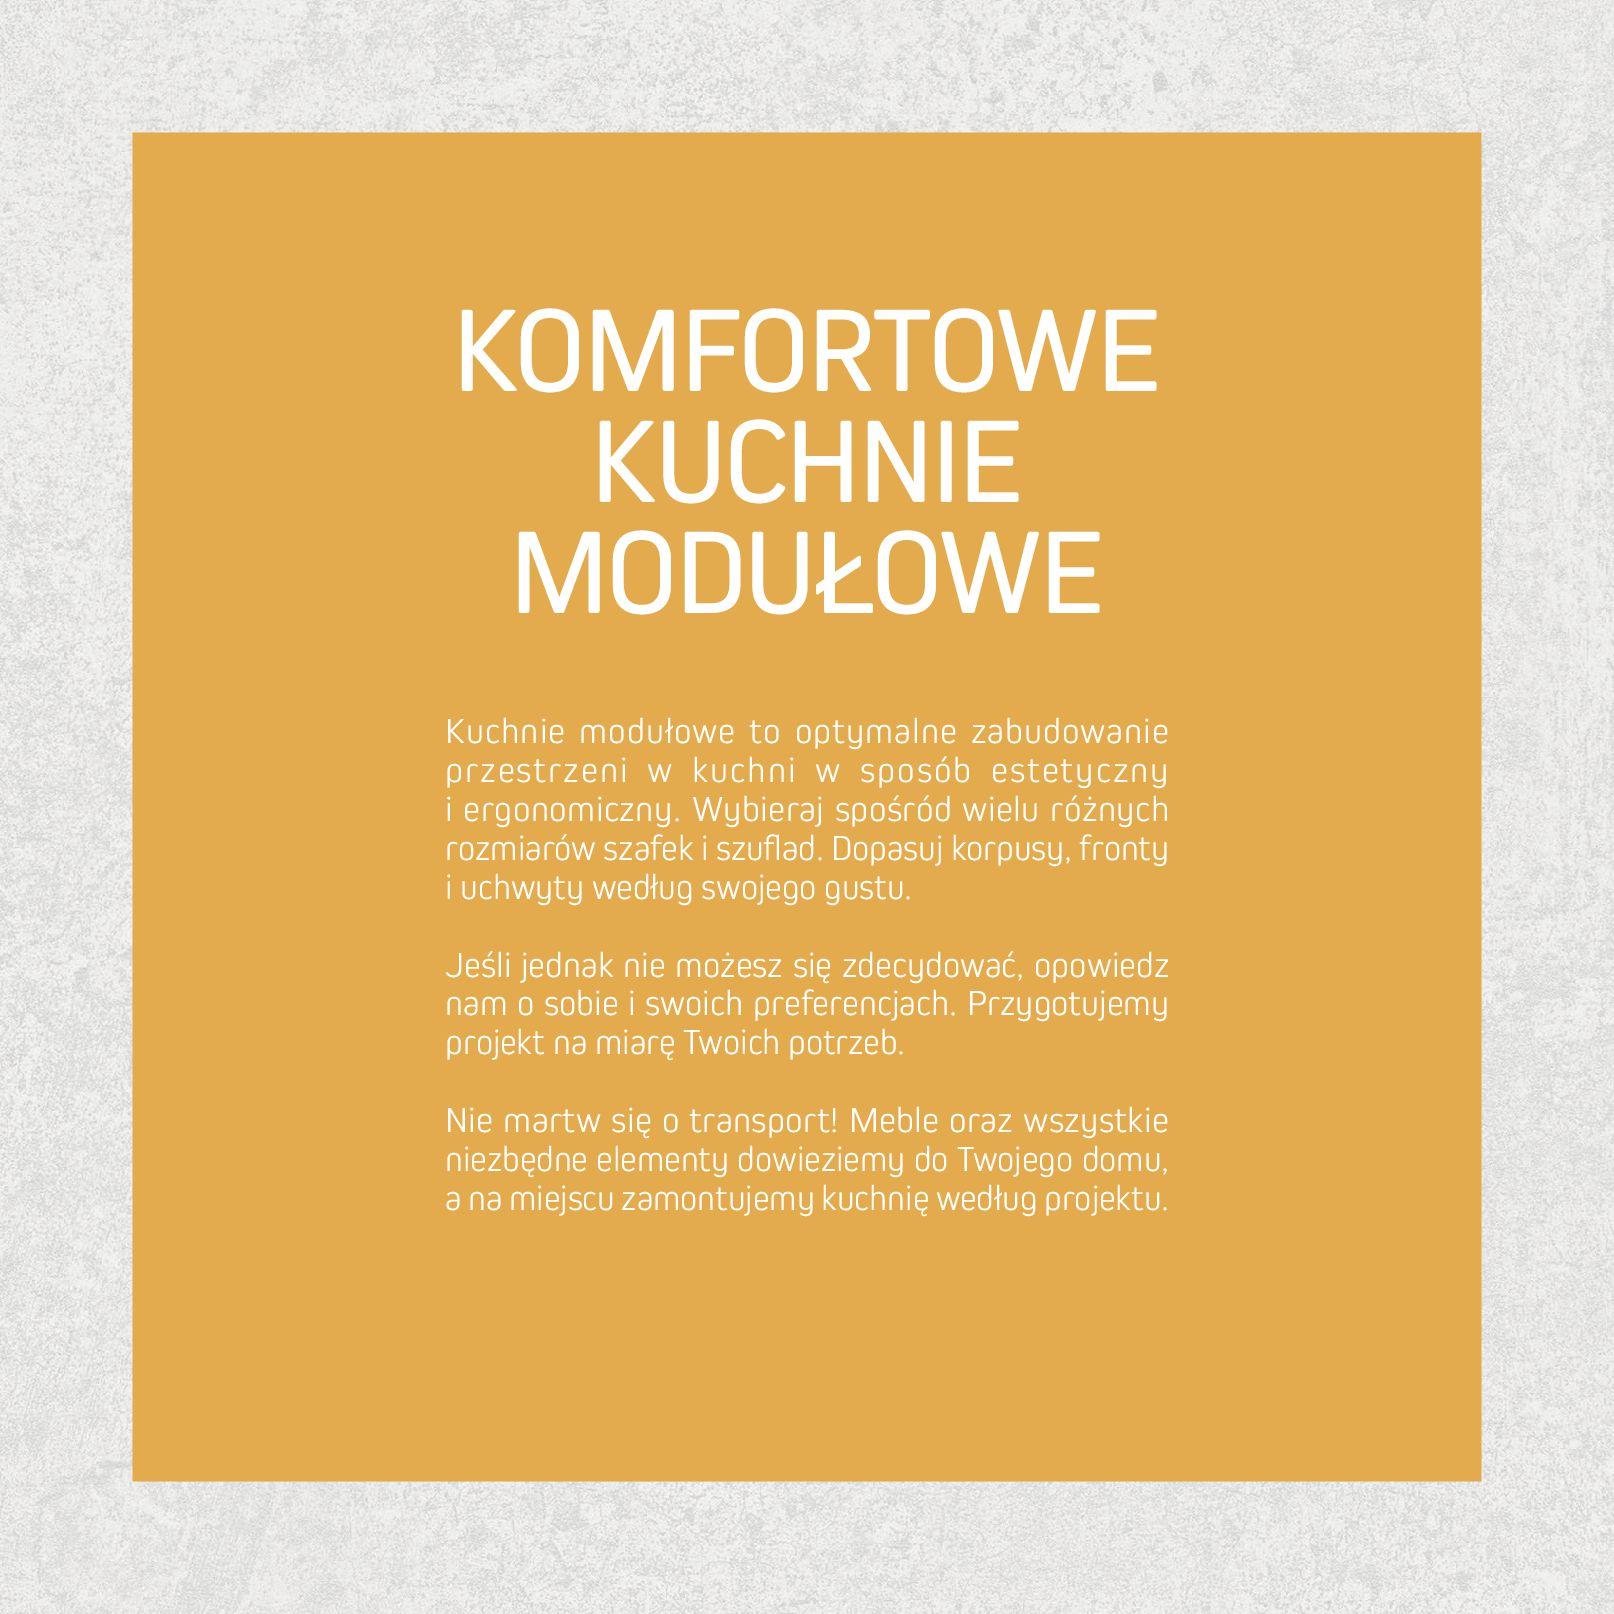 Gazetka Komfort: Gazetka Komfort - Katalog Kuchnie 2021 2021-06-16 page-2